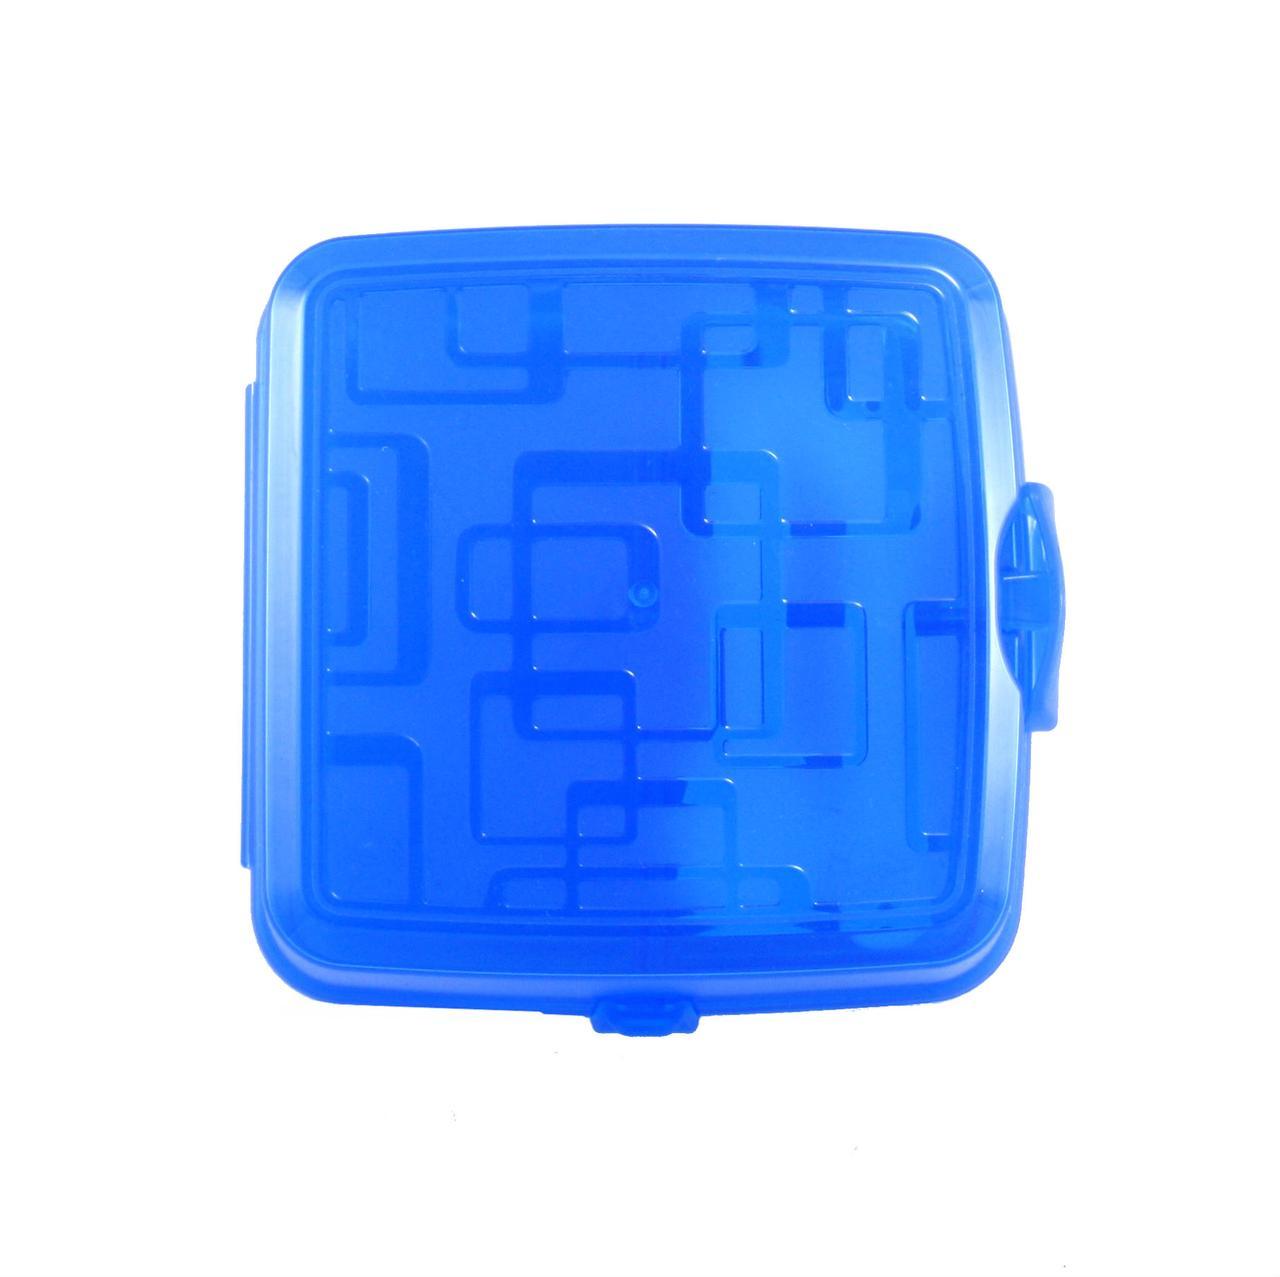 Ланч-бокс, контейнер з відділеннями, ложка і виделка, синій